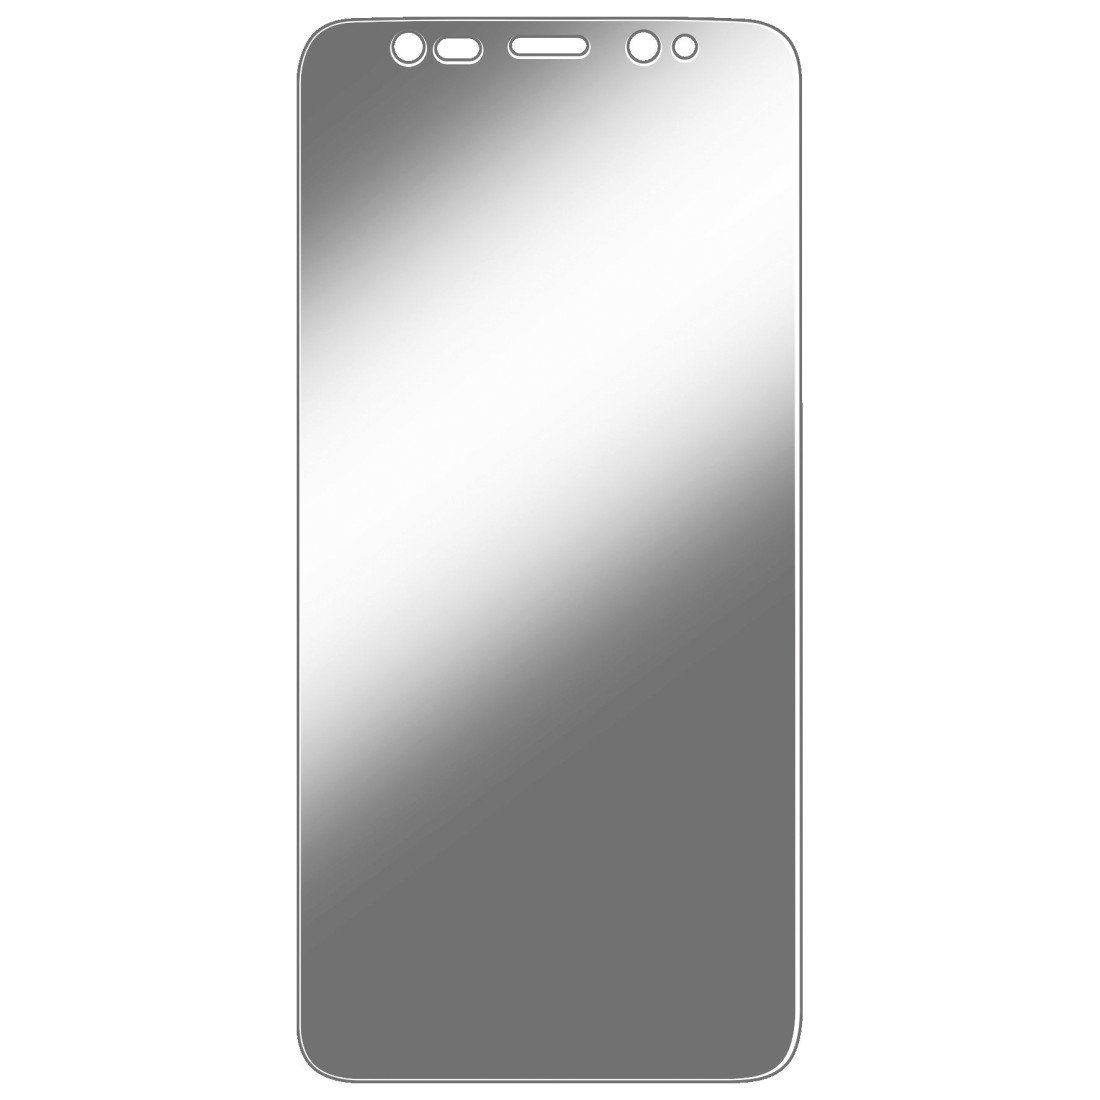 Hama Display-Schutzfolie Full Screen für Samsung Galaxy S8